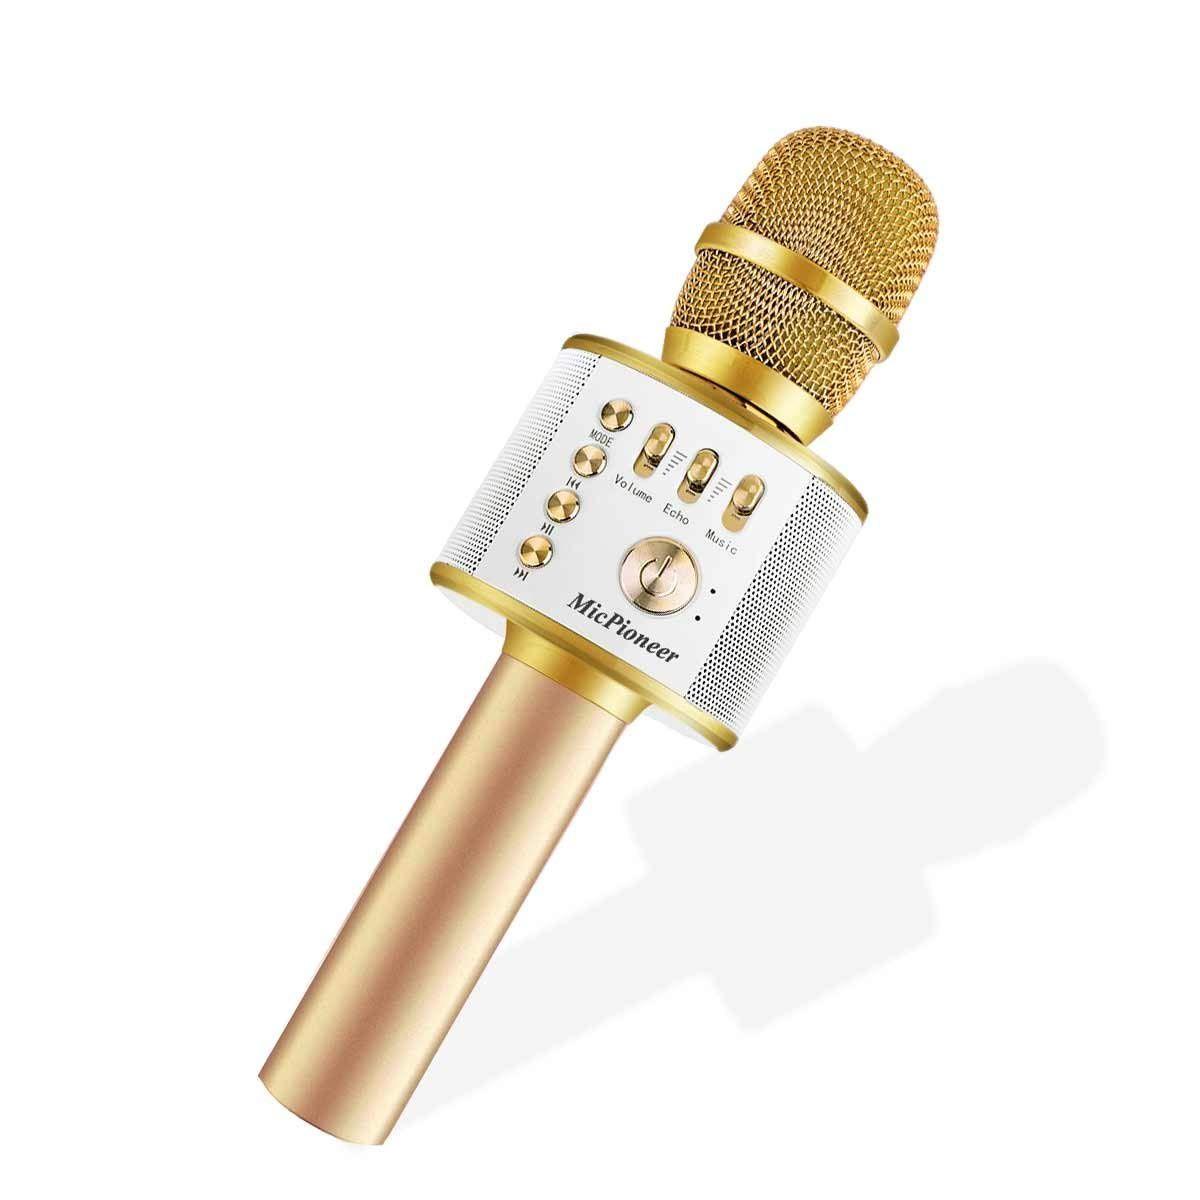 Micpioneer Wireless Karaoke Microphones, 3 in